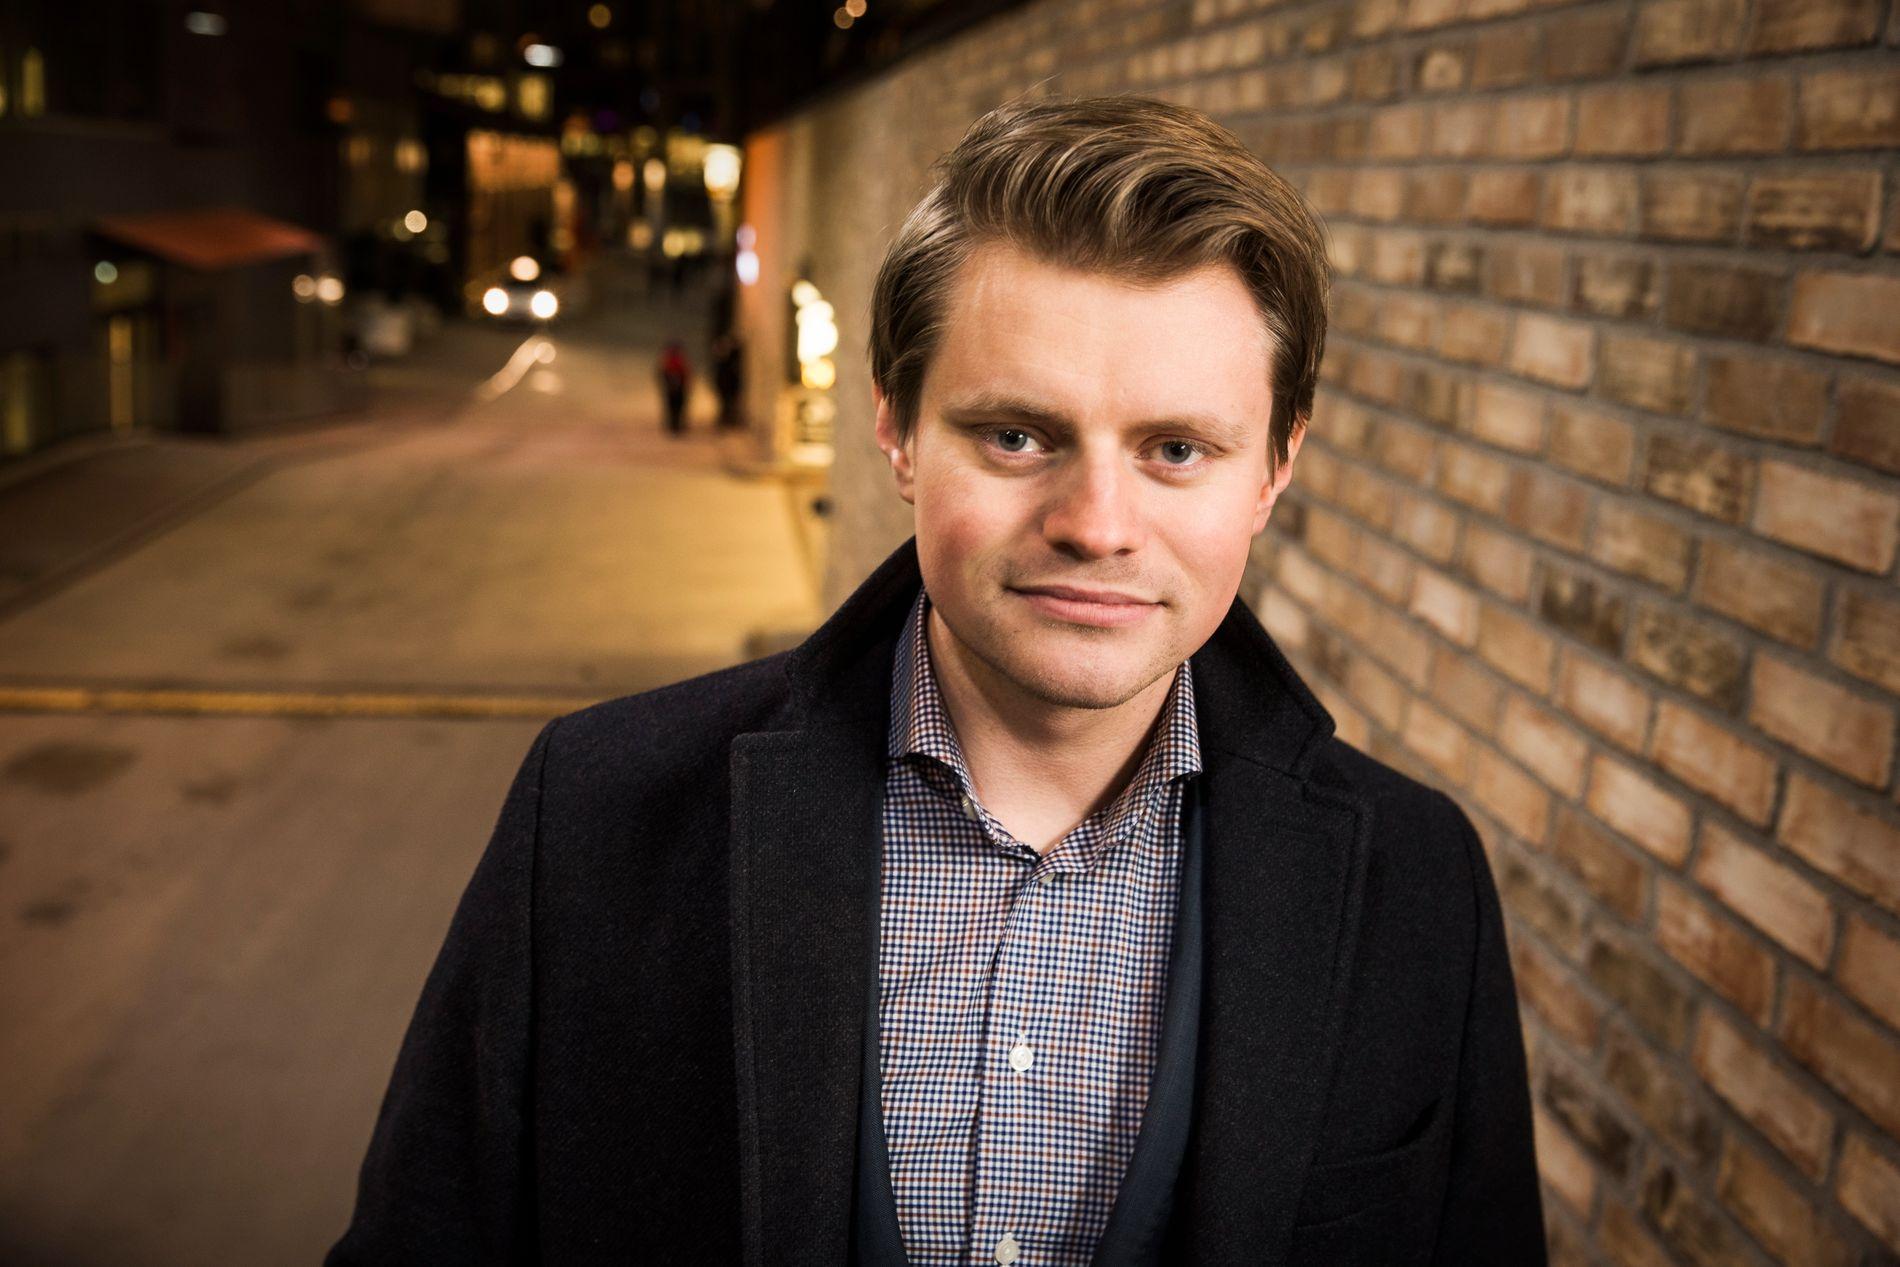 UEKTE: Høyres justispolitiske talsperson Peter Frølich mener Støre burde vært modig og stått opp for en upopulær politikk som likevel er riktig.